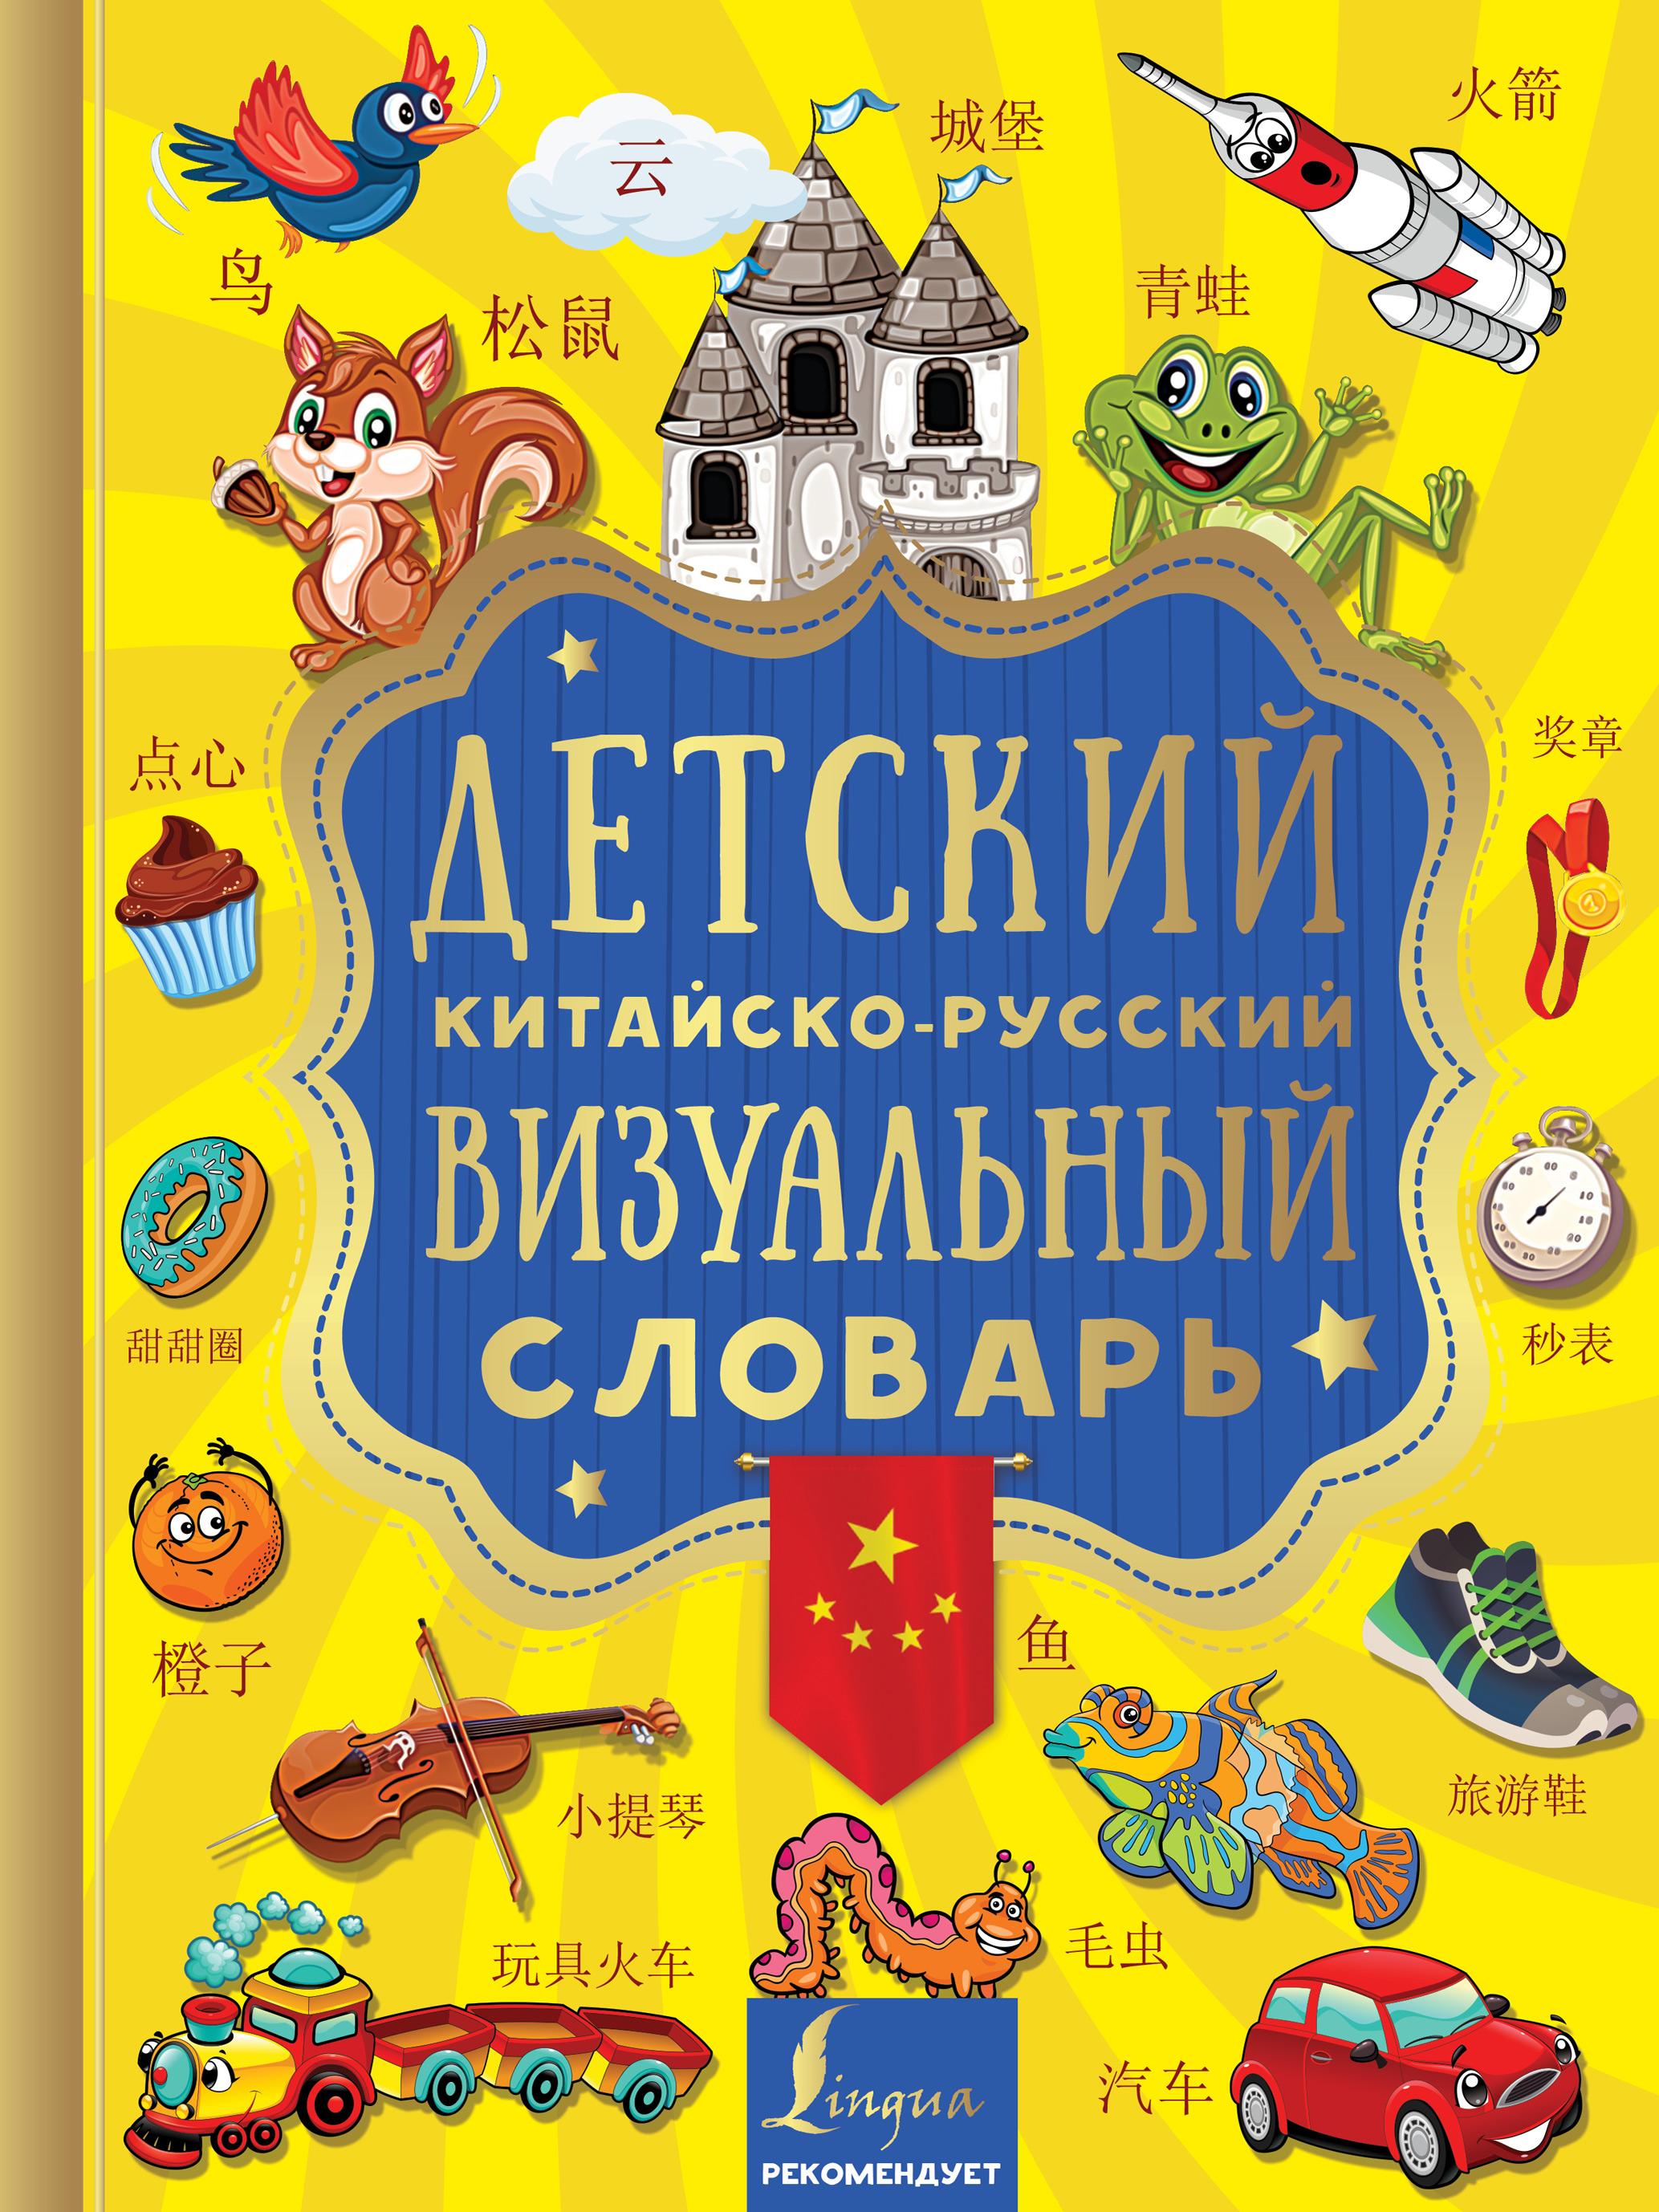 Отсутствует Детский китайско-русский визуальный словарь воропаев н китайско русский визуальный словарь с транскрипцией